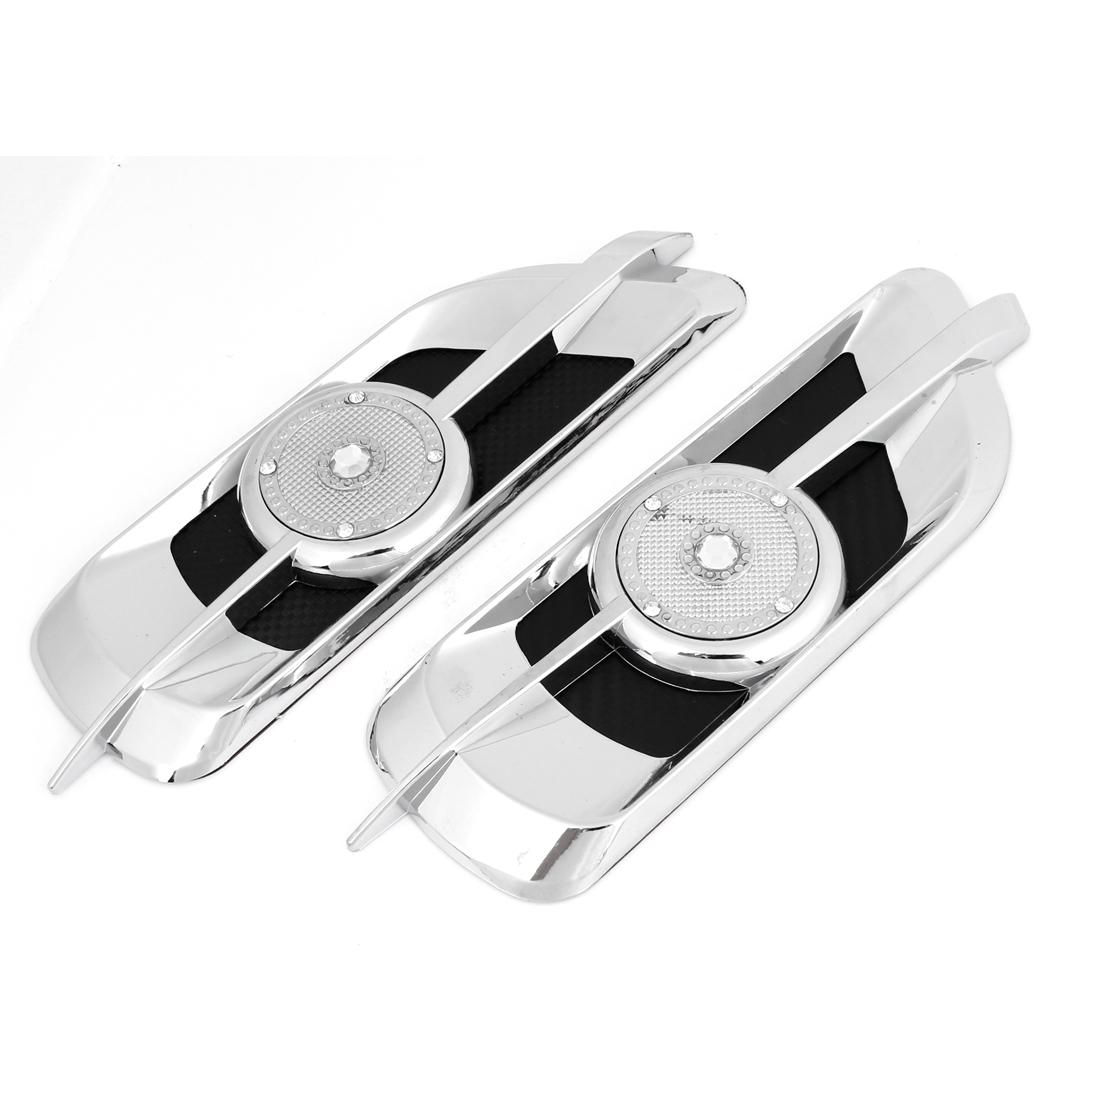 2PCS Auto Rhinestone Decor Air Vent Fender Stickers Ornament Silver Tone Black